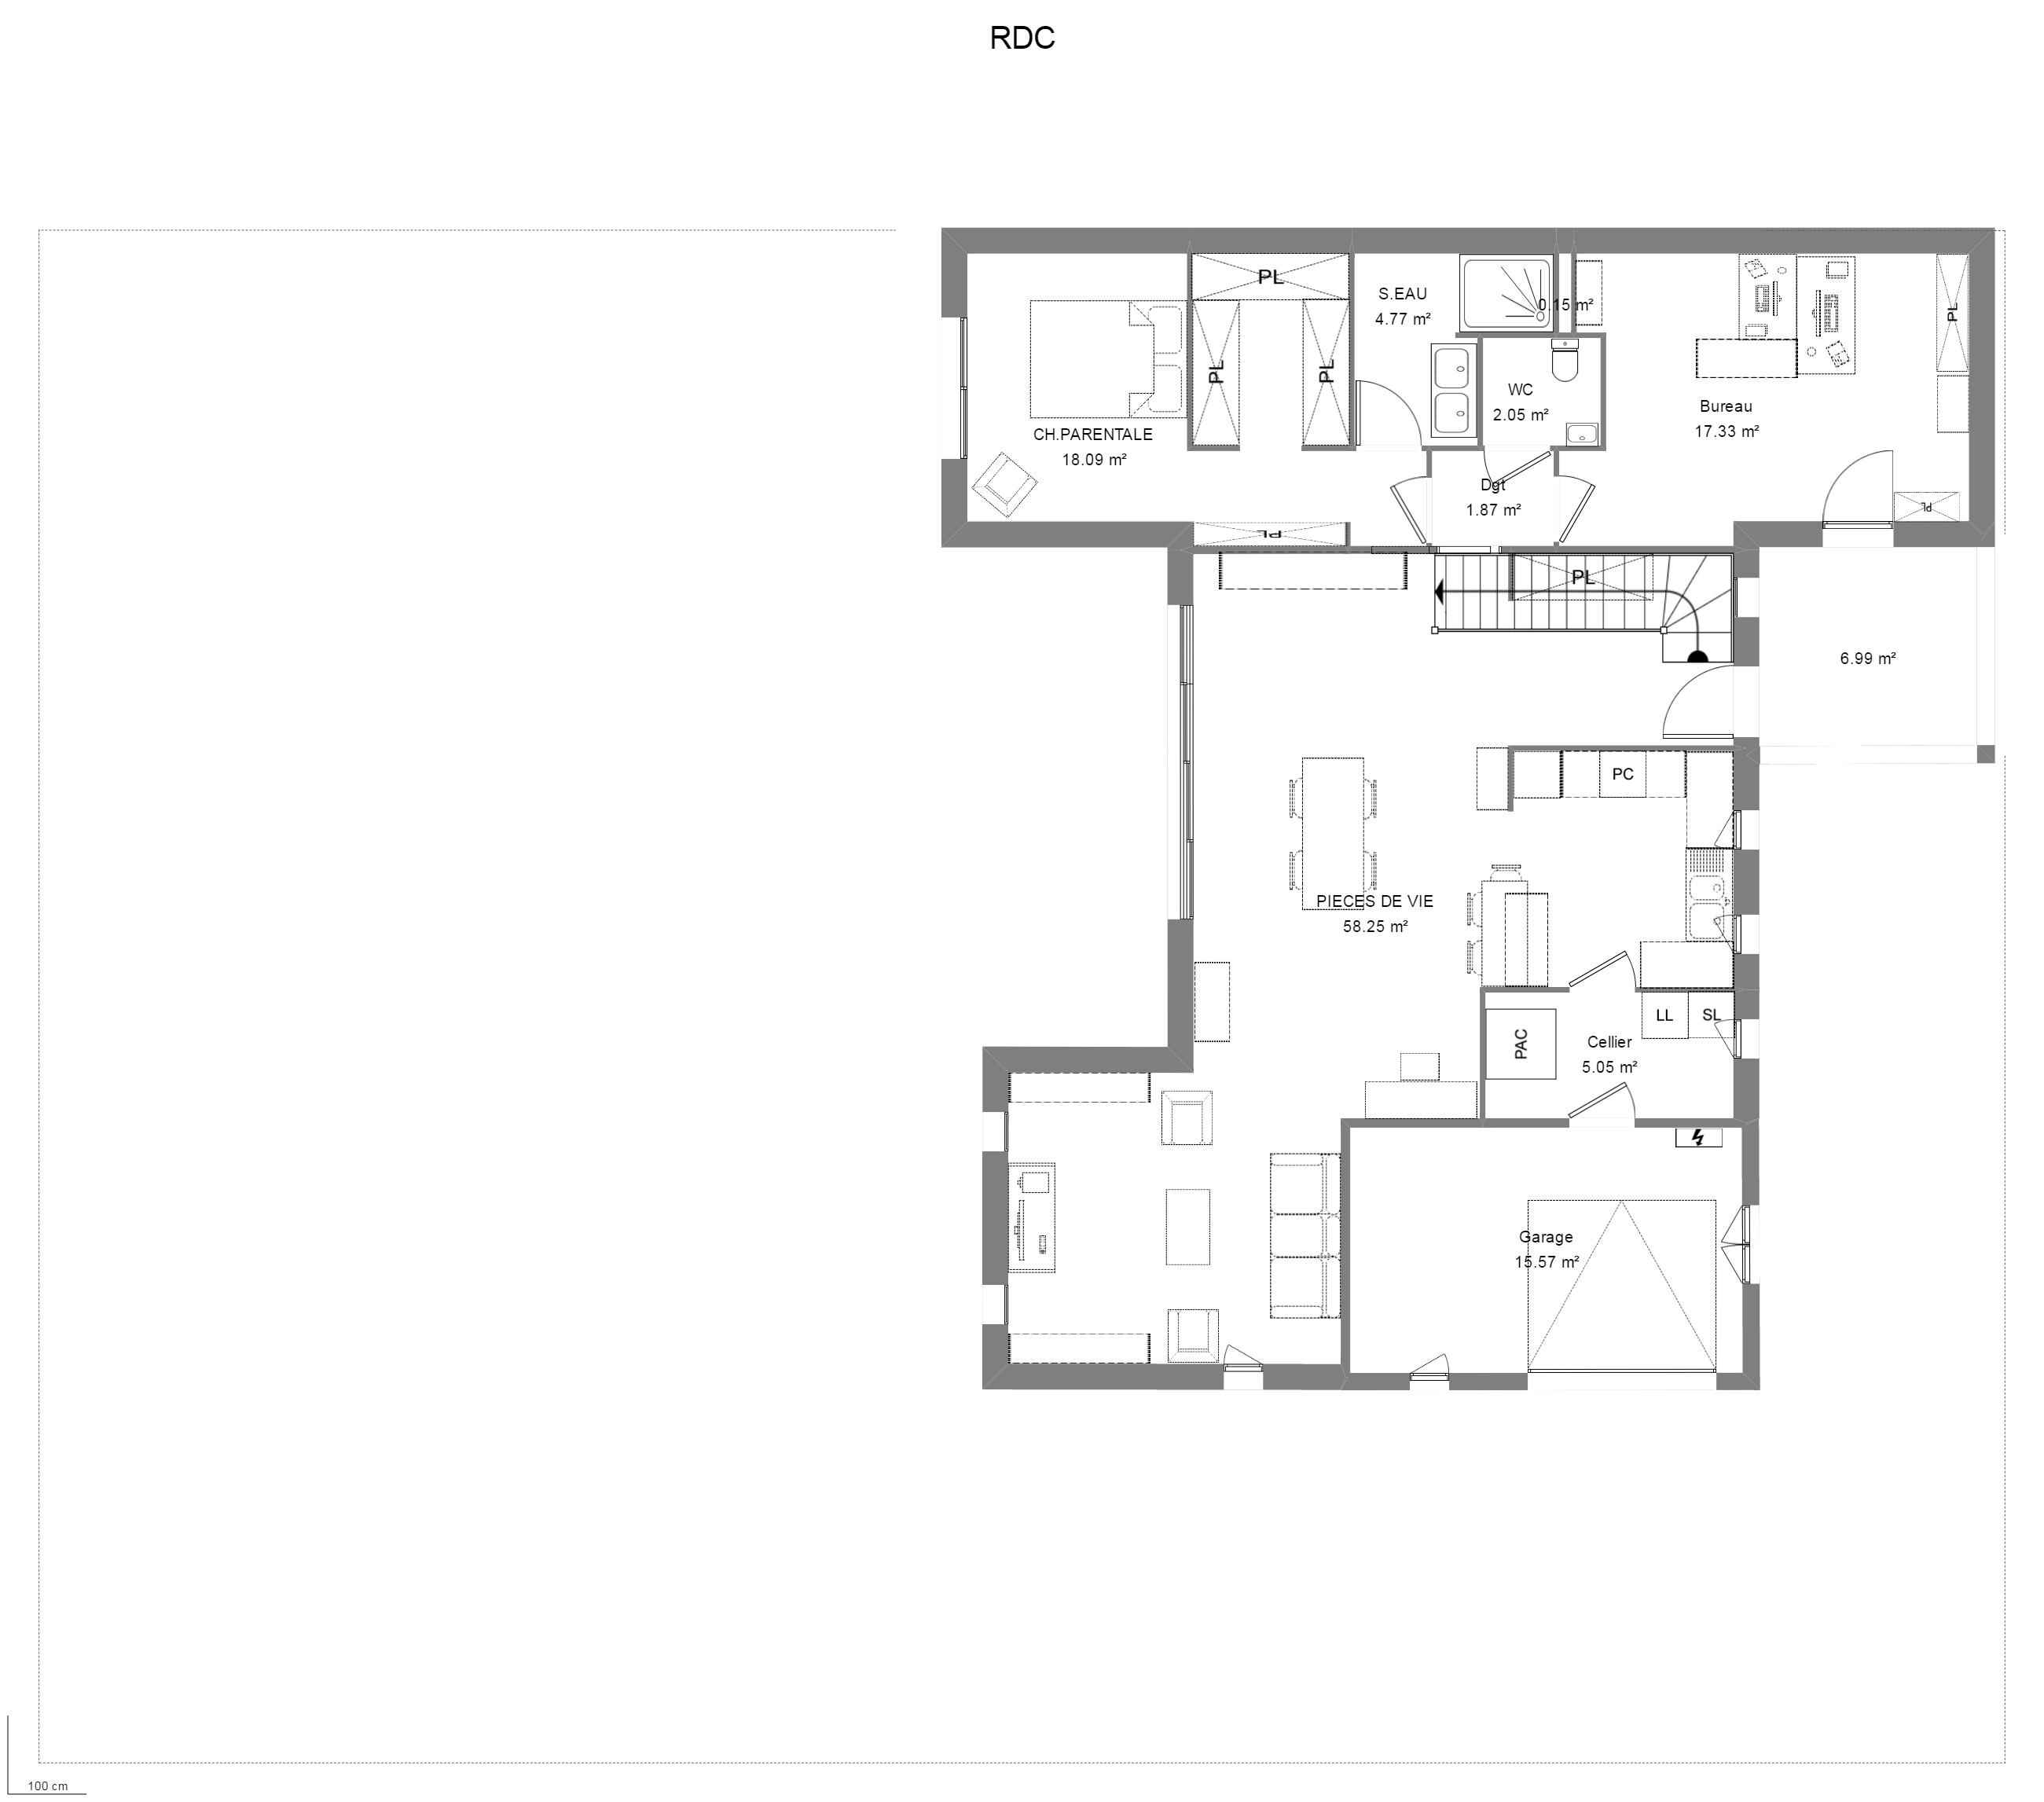 Maison architecte plan maison amthyste plan plan maison Plan maison suite parentale rdc